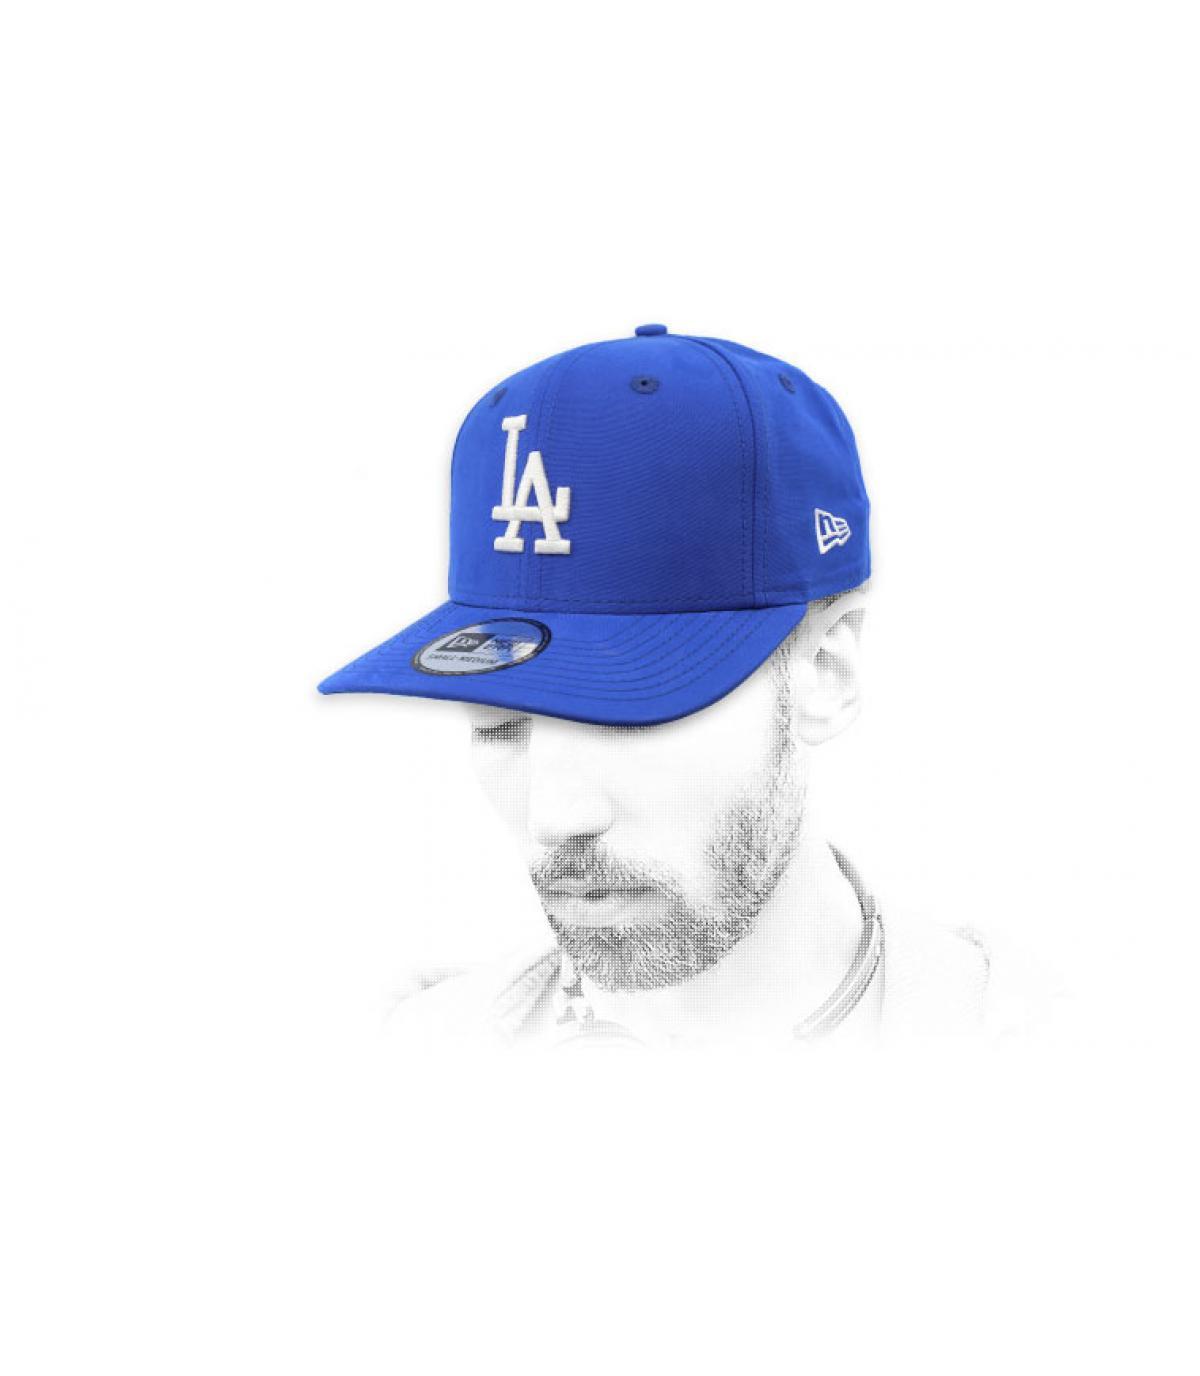 gorra LA azul repelente